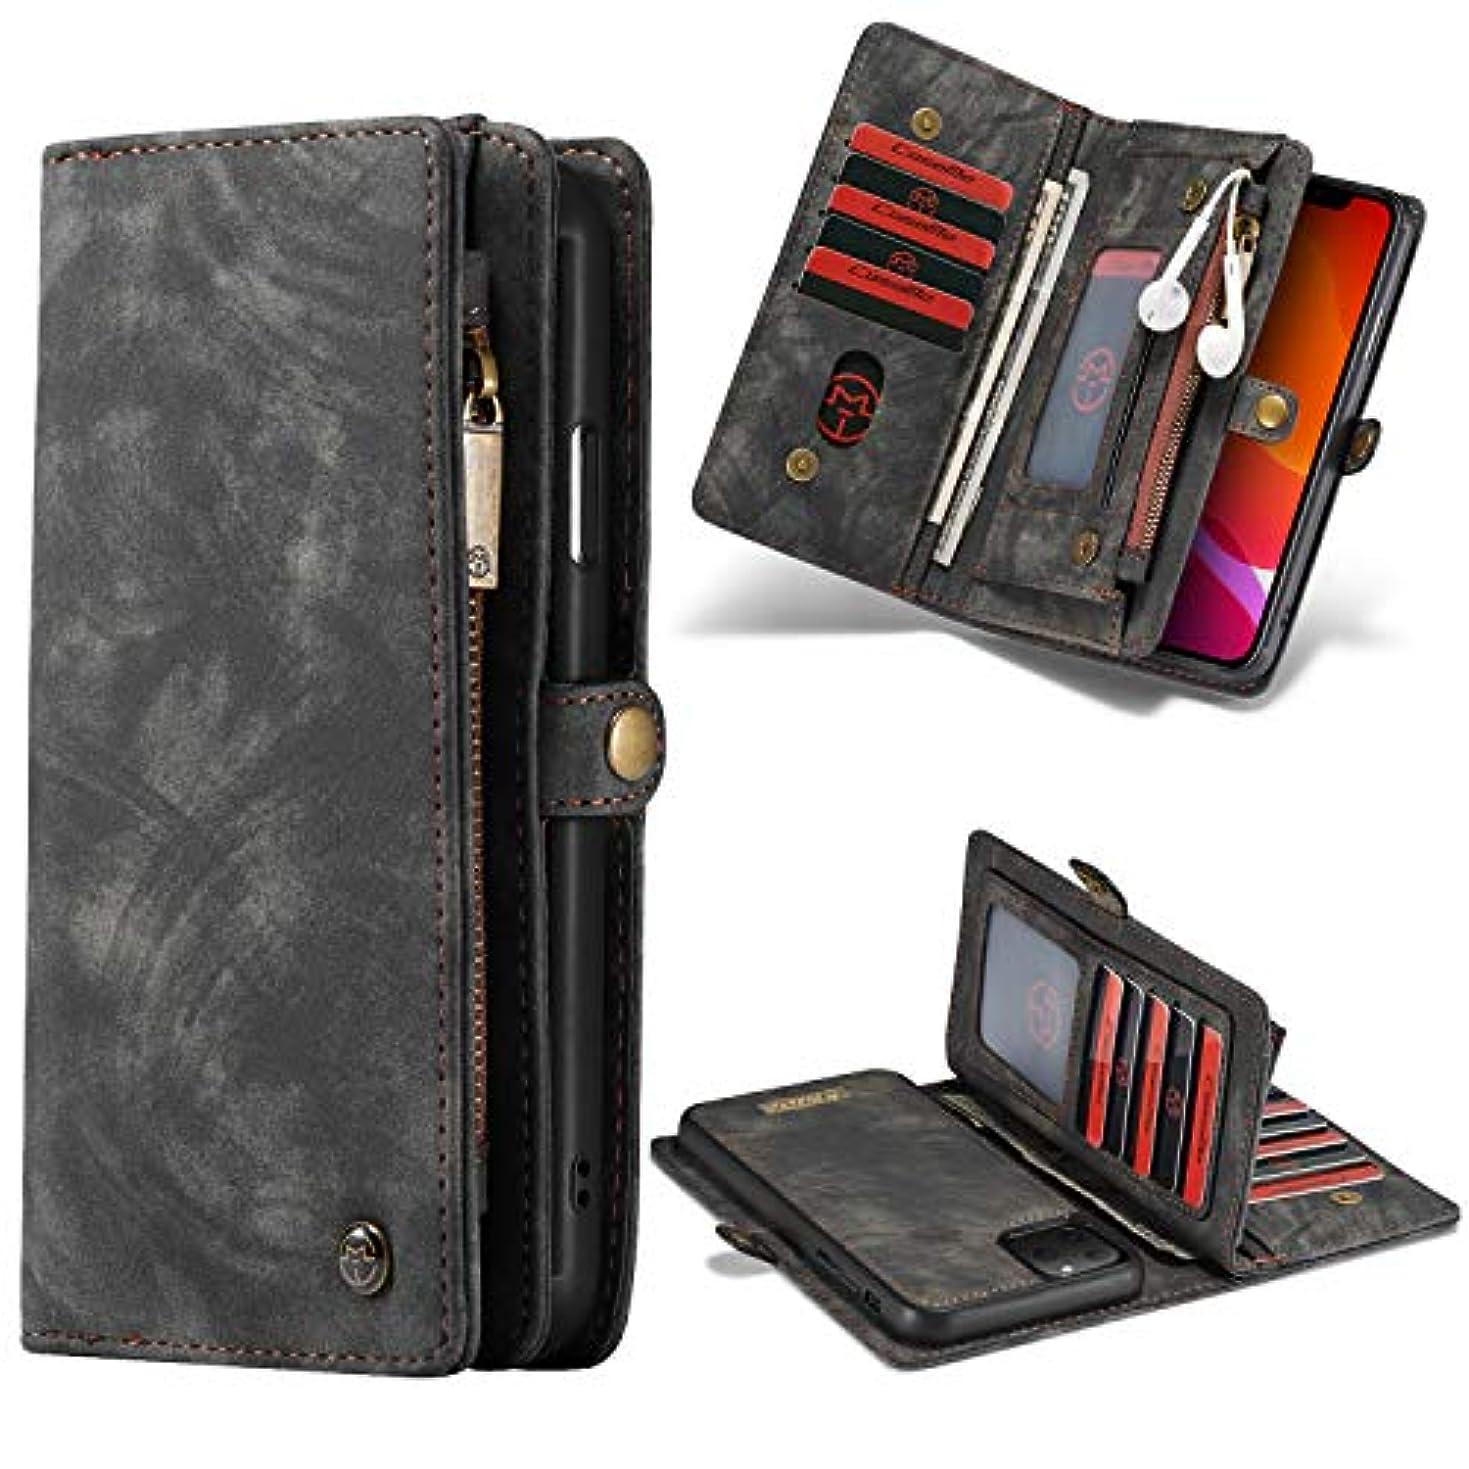 コイル郵便局危険なiPhone 11ケース2019、TABCaseハイグレードジッパーウォレットレザー着脱式磁気電話ケース、クレジットカードスロット、携帯電話ホルダーカバー、専用iPhone 11 6.1'',黒